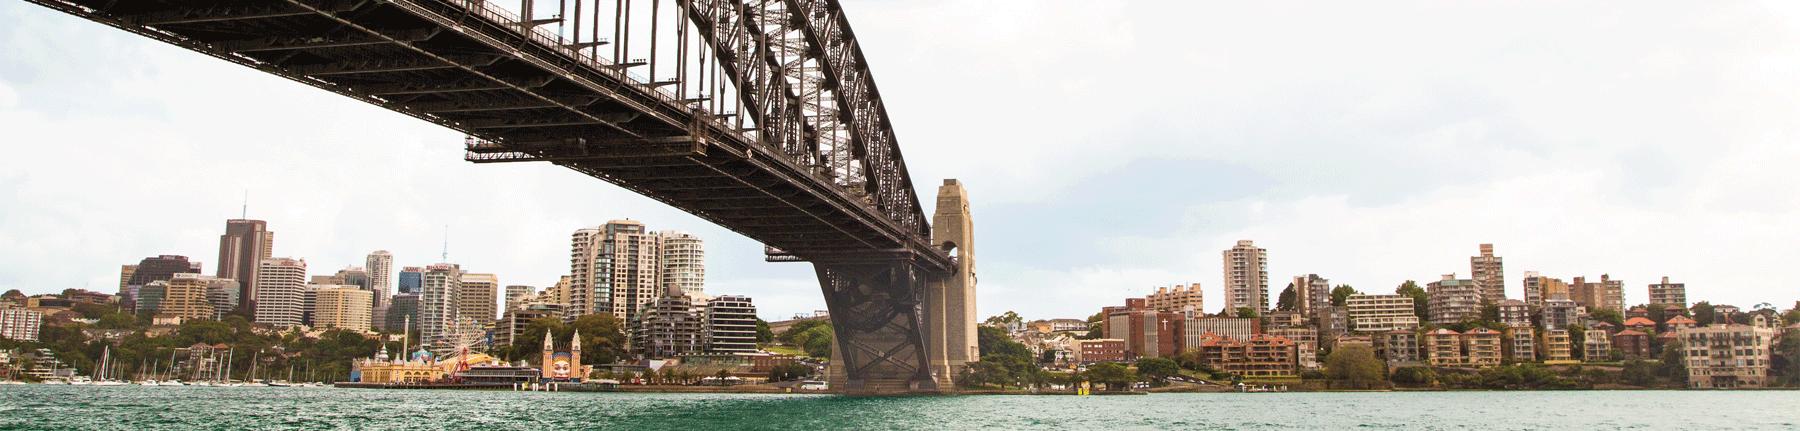 Schüleraustausch-Australien-Orientation-Sydney